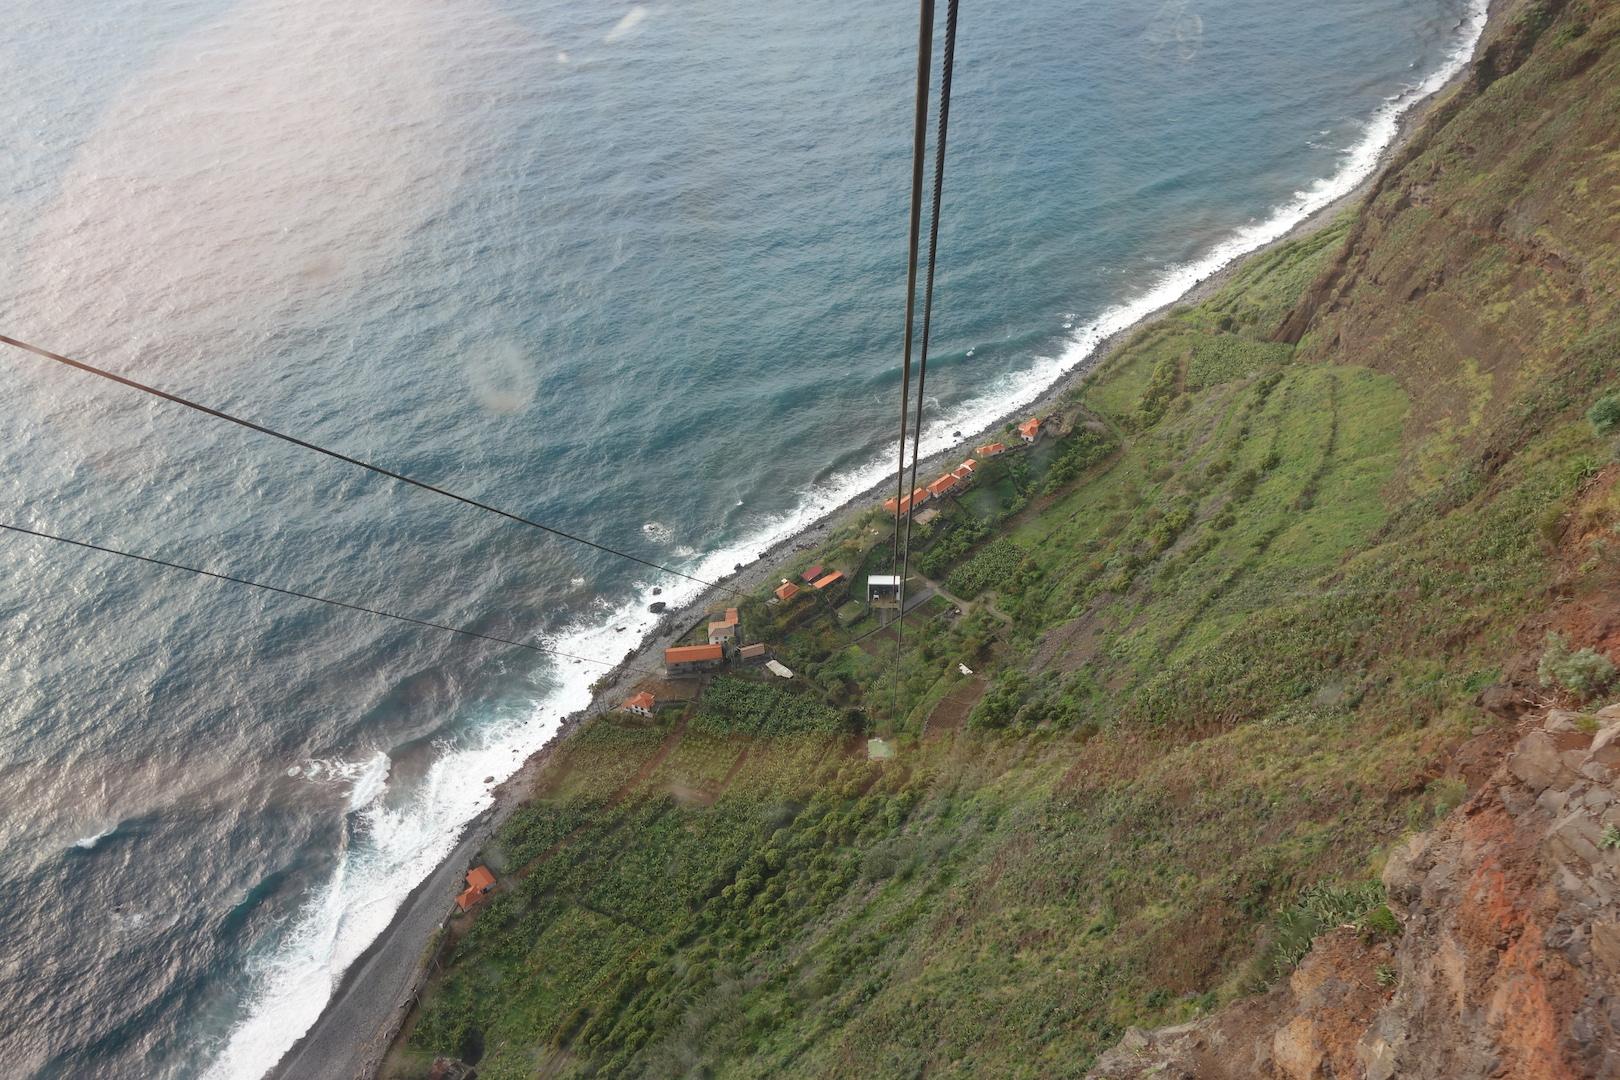 Lift am Steilhang bei Câmara De Lobos